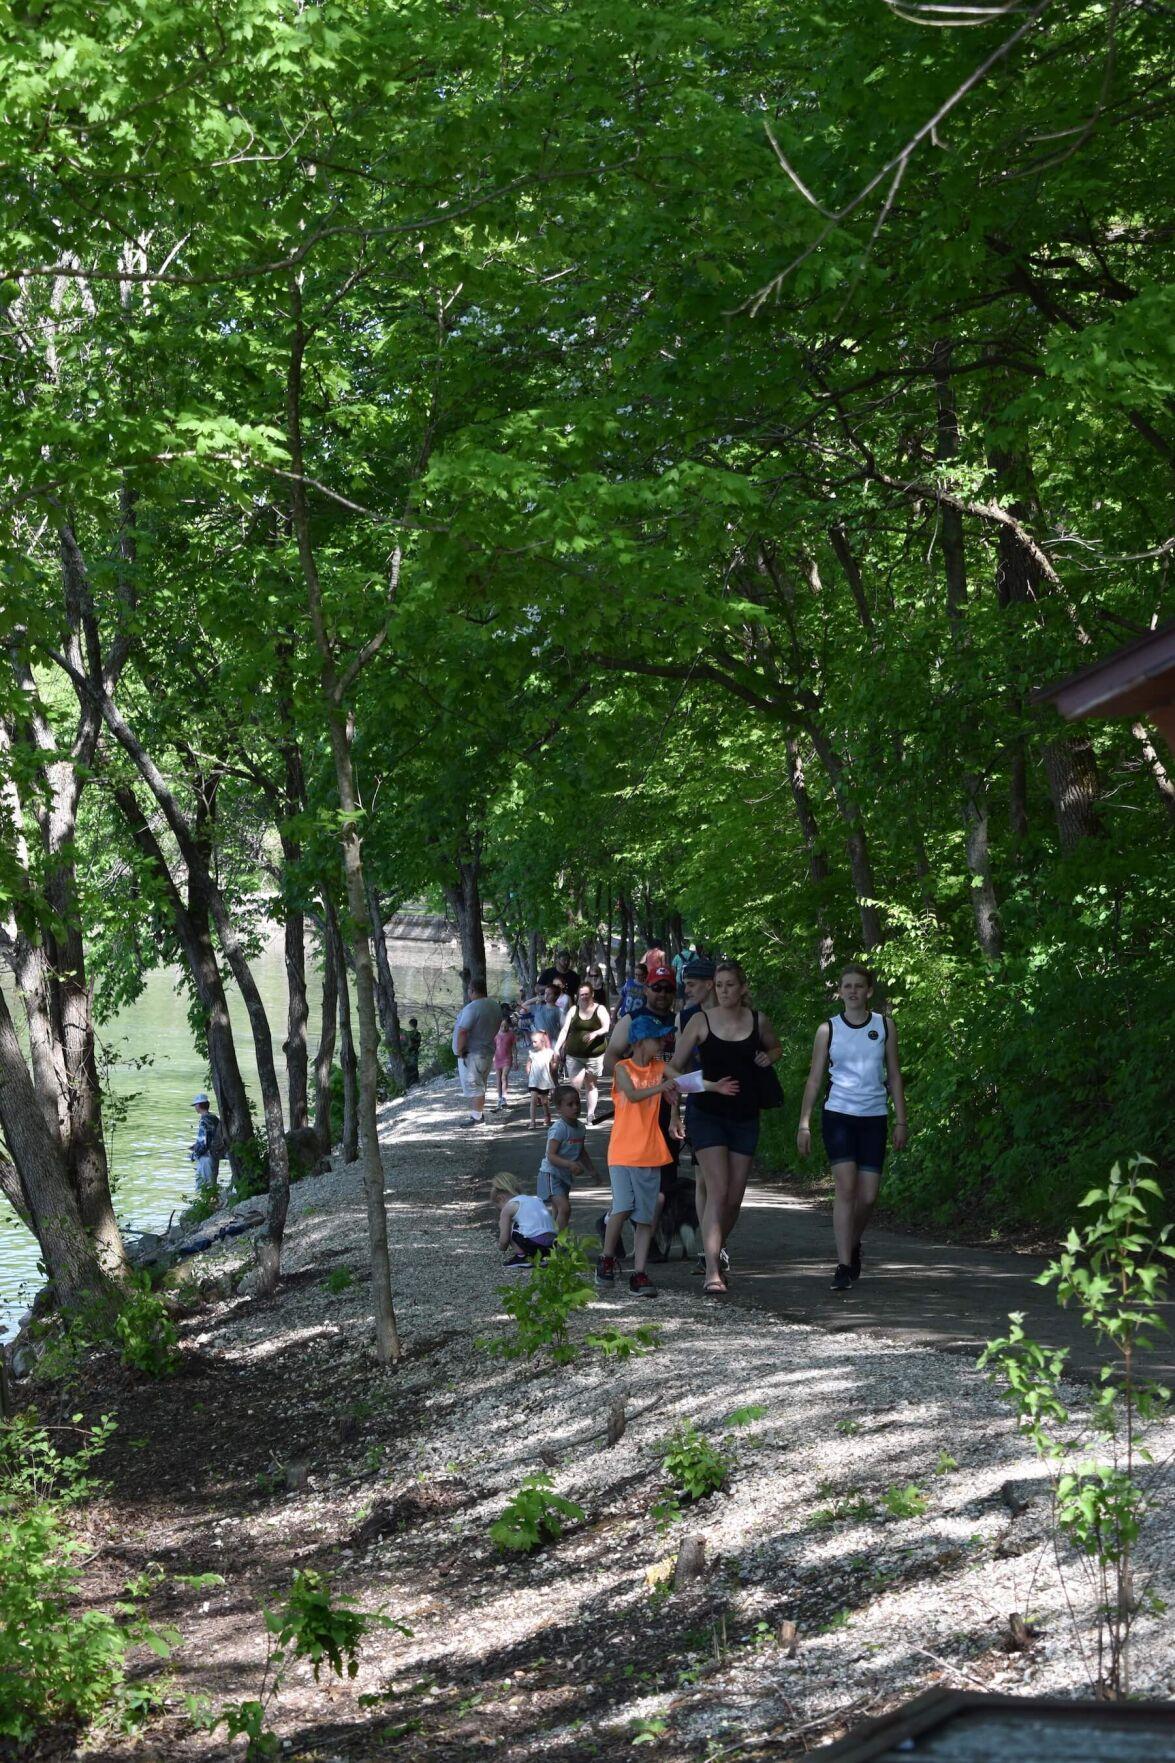 Hiking Ha Ha Tonka Trails